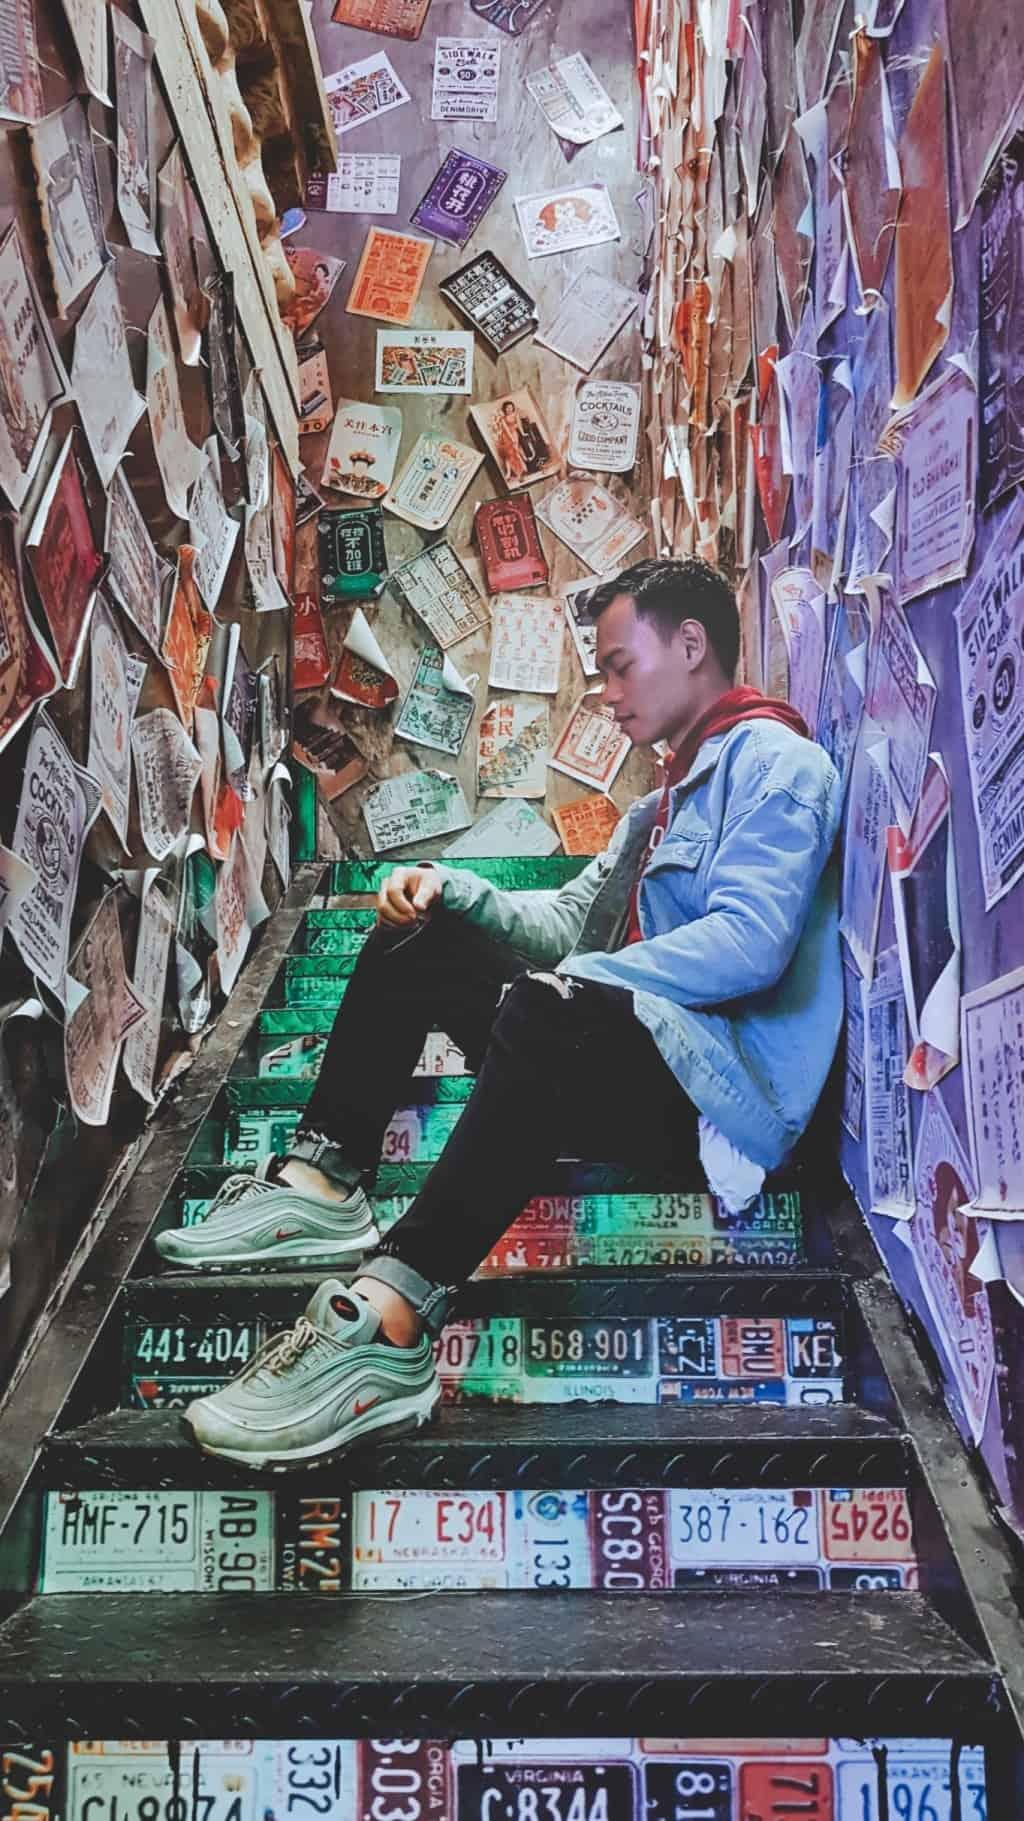 Đừng quên check in với background cực kỳ chất lượng, một hình ảnh quen thuộc ở HongKong nhé!